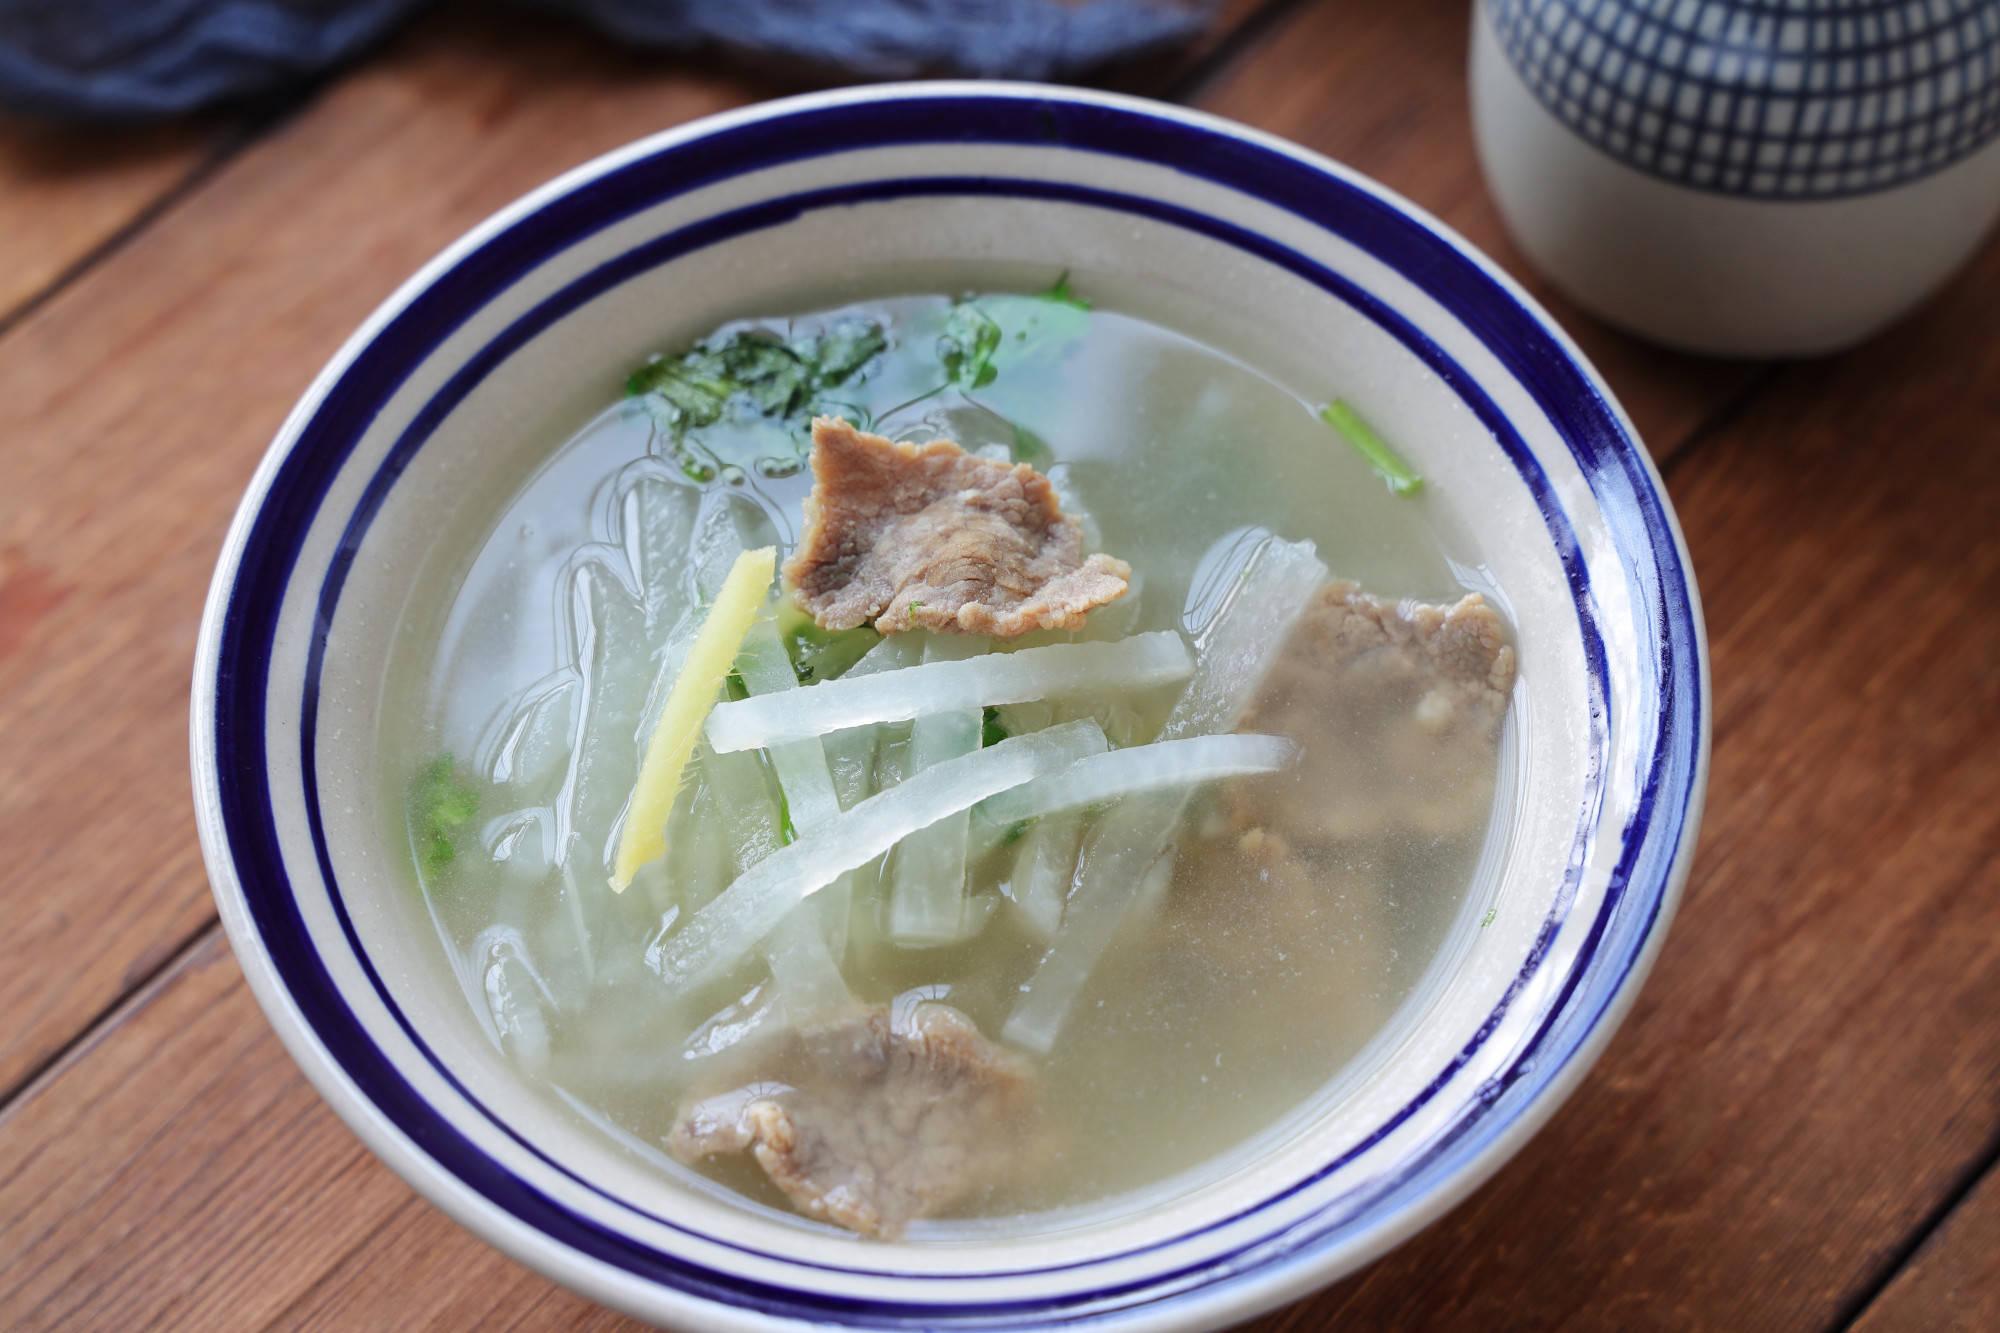 原味冬萝卜人参,简单熬个锅,养胃保暖,越喝越上瘾,超级好吃!